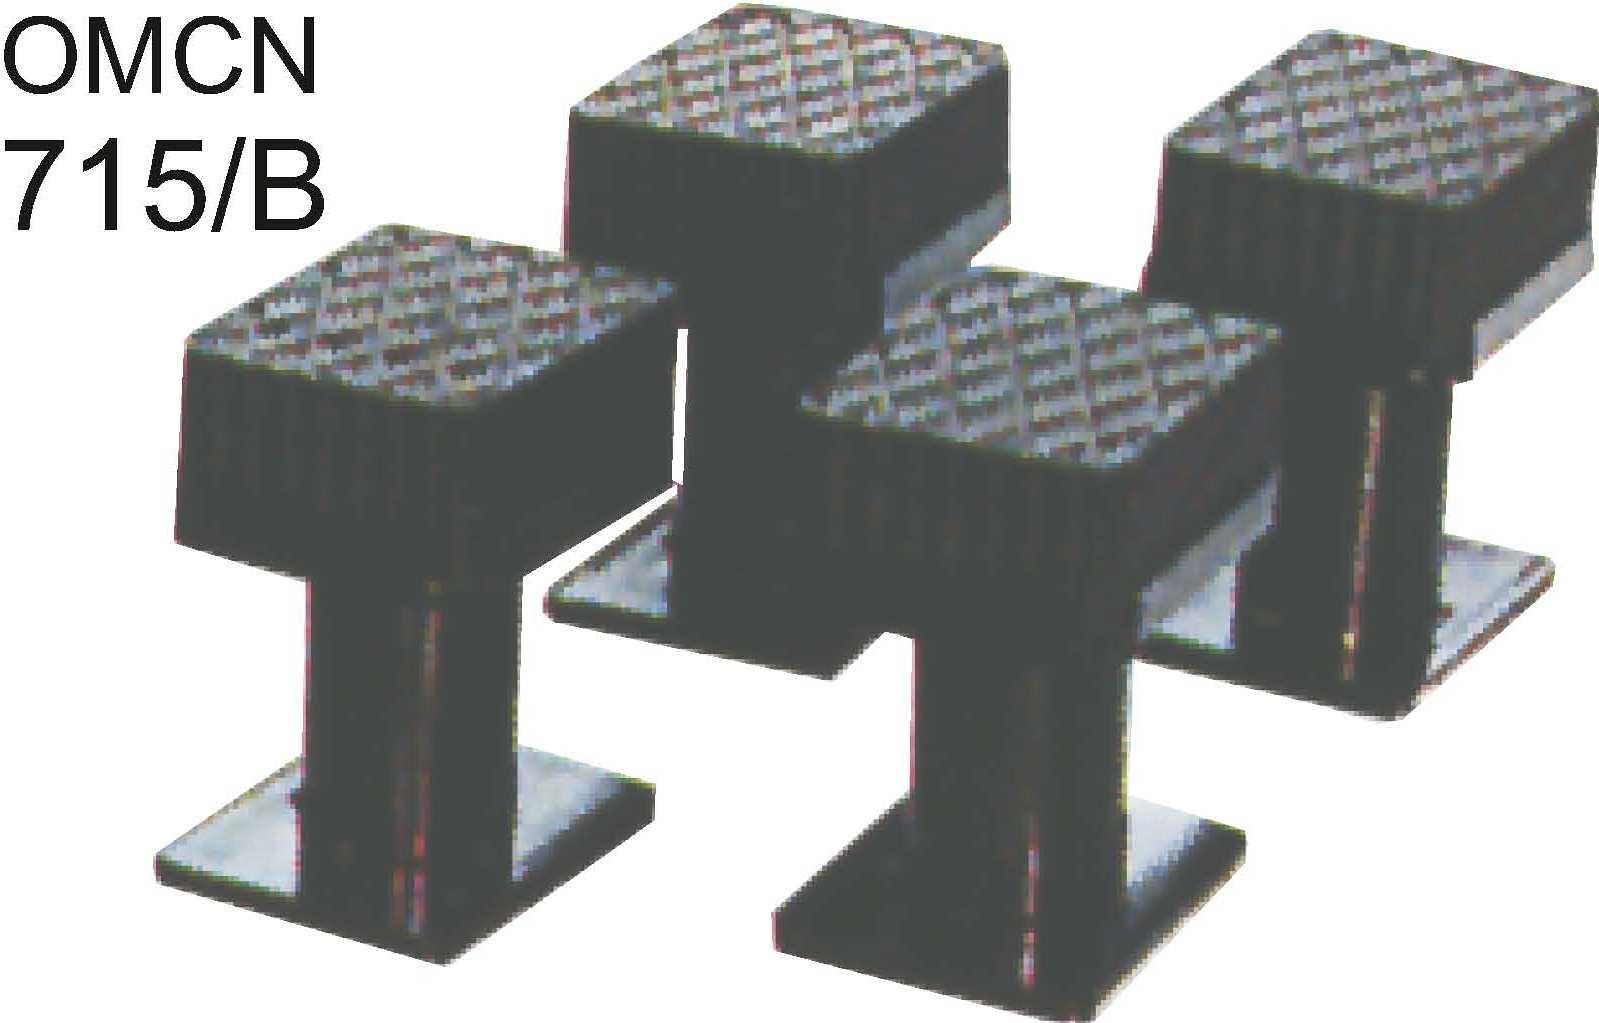 OMCN 715/B